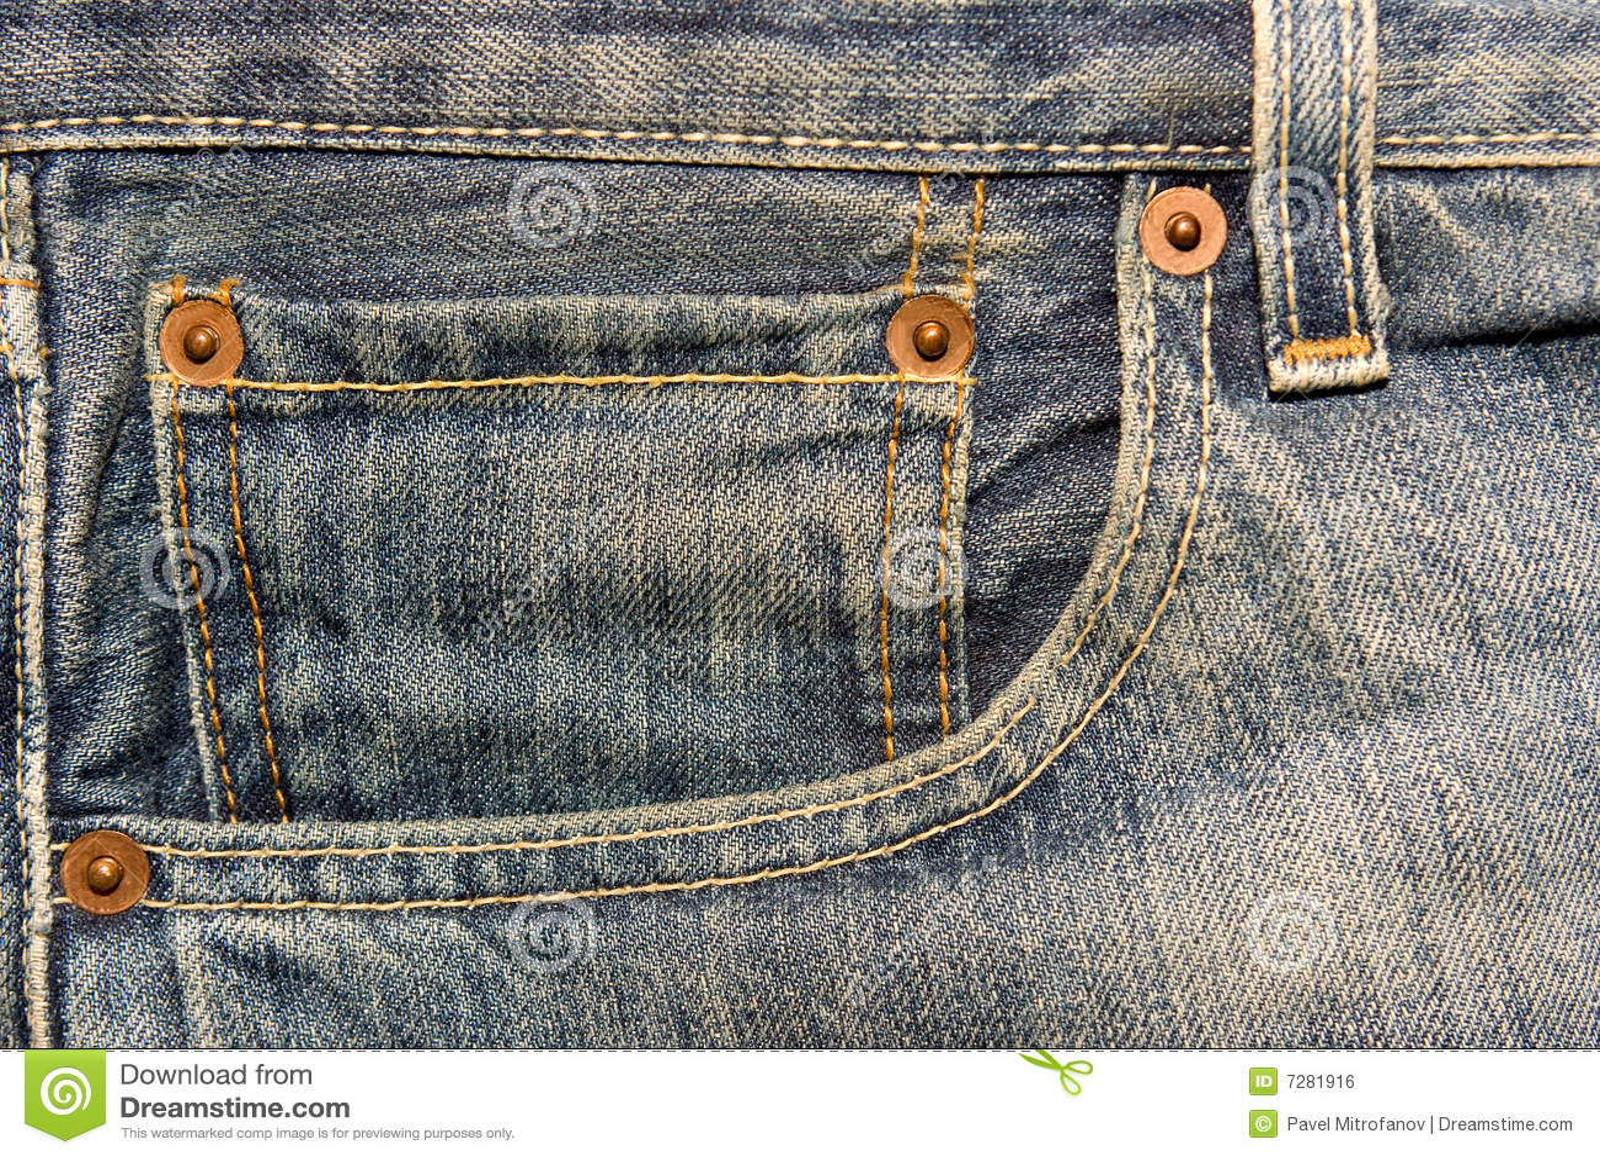 Bolsillo de los pantalones vaqueros